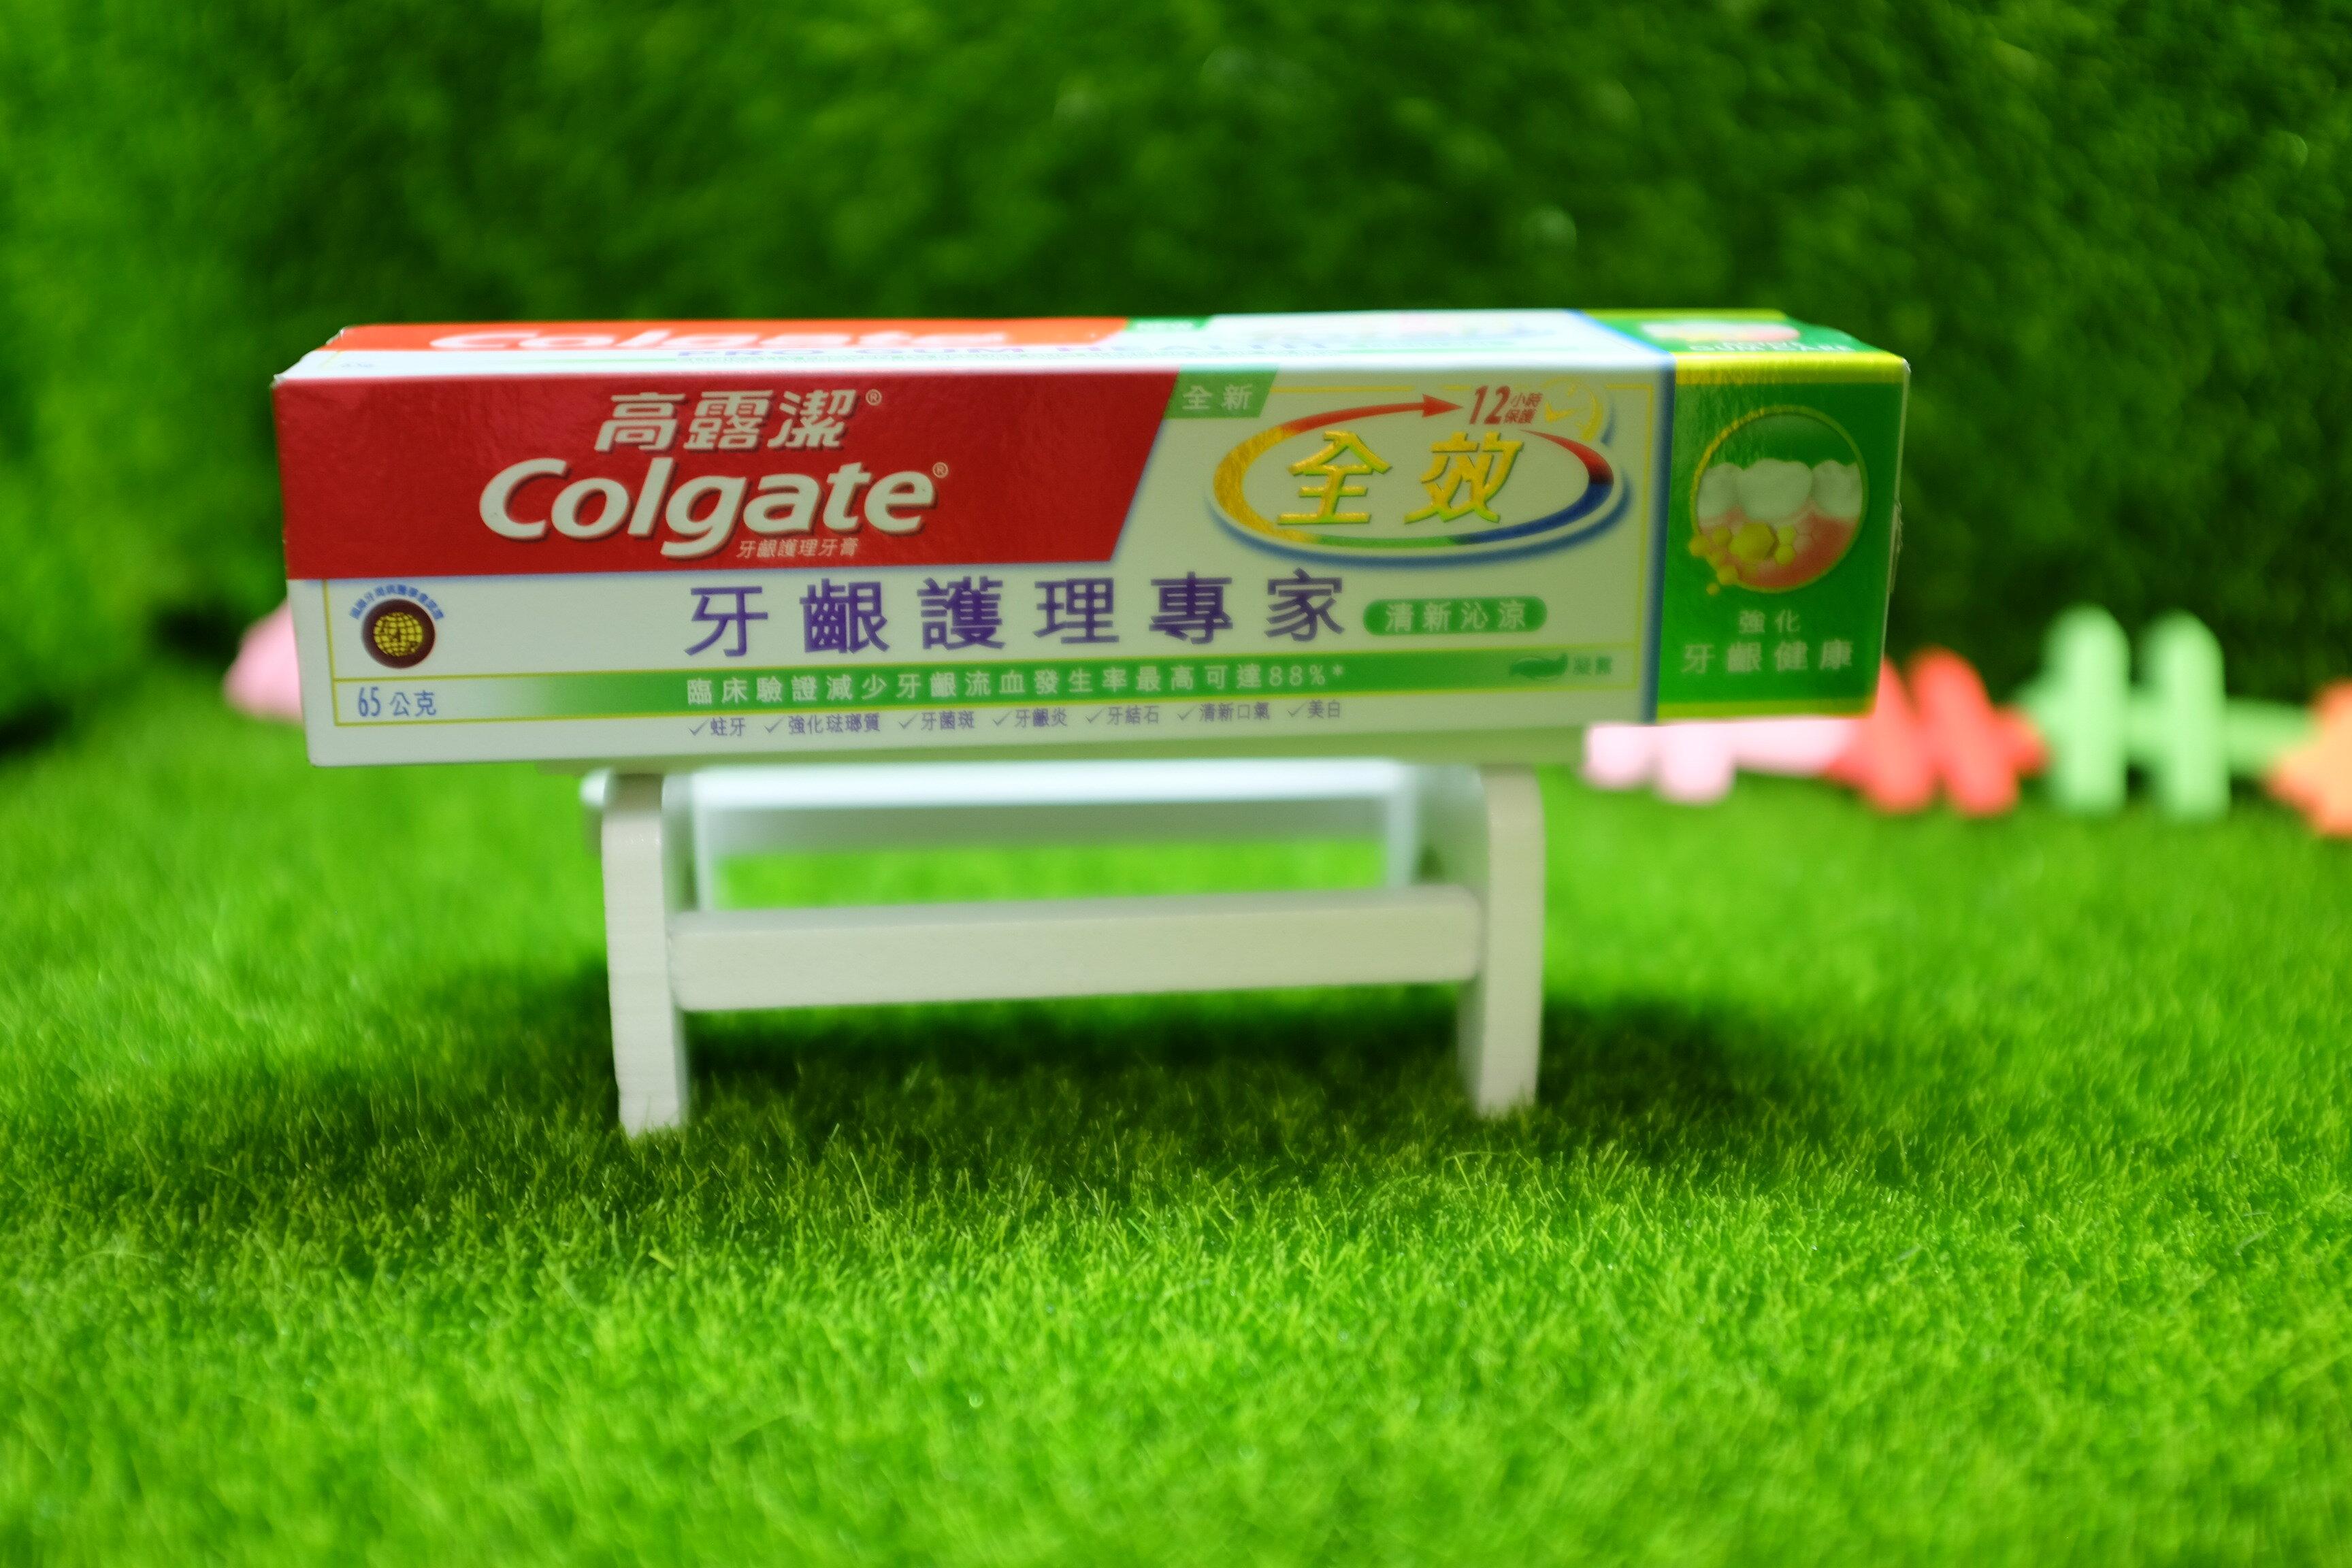 高露潔 牙齦護理專家 65g#清心沁涼牙膏 colgate